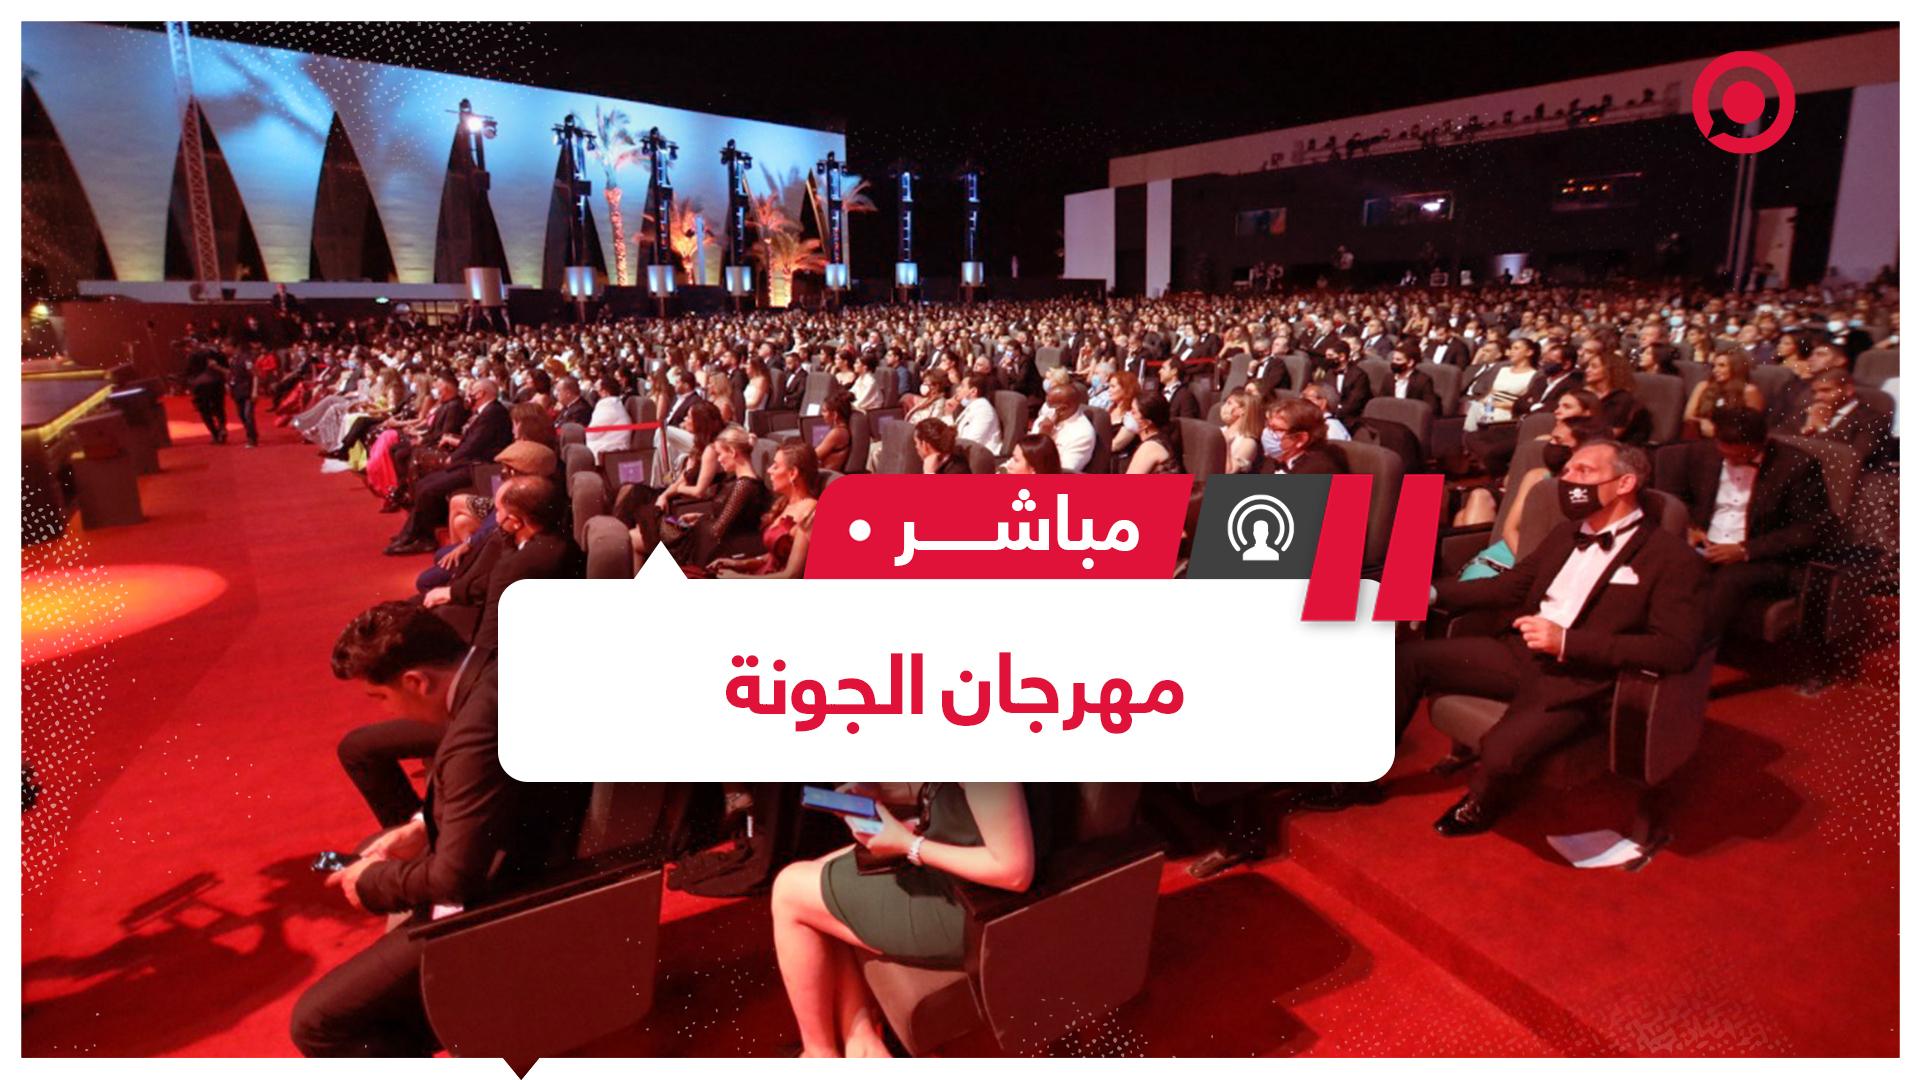 فعاليات مهرجان الجونة السينمائي مستمرة وسط انتقادات وتساؤلات حول قيمته الفنية